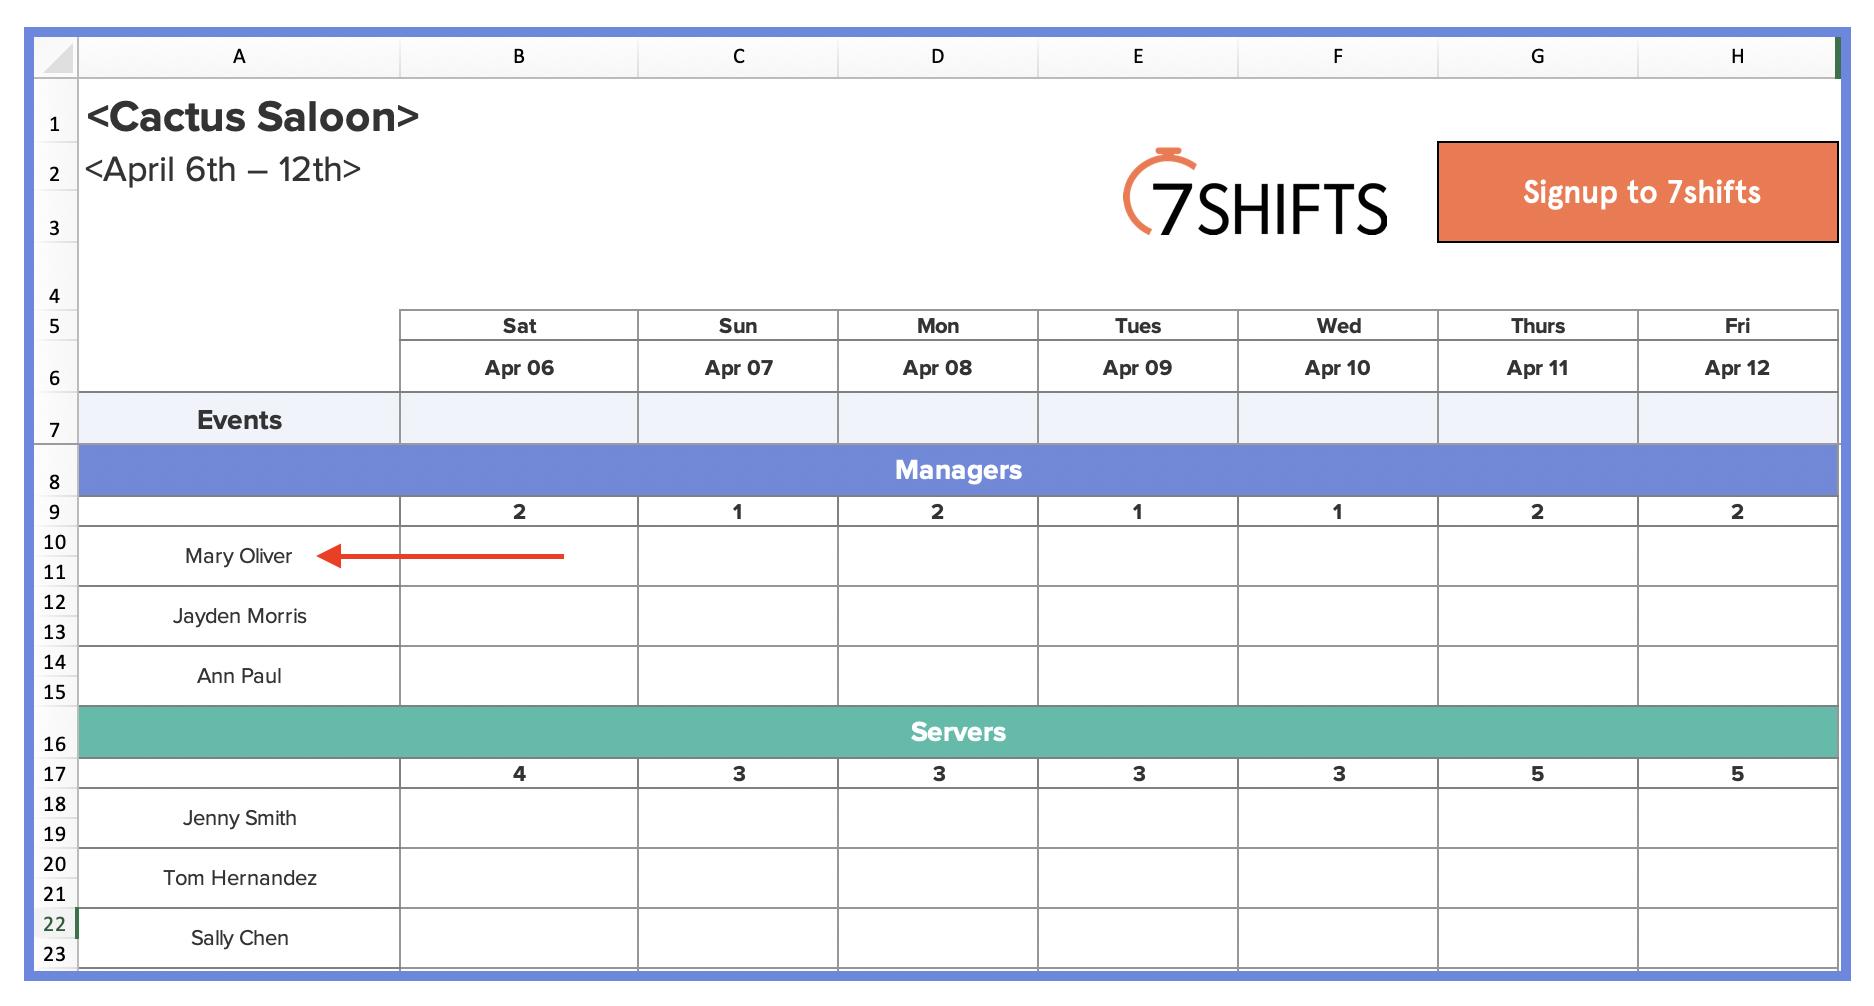 Weekly Restaurant Employee Schedule Template